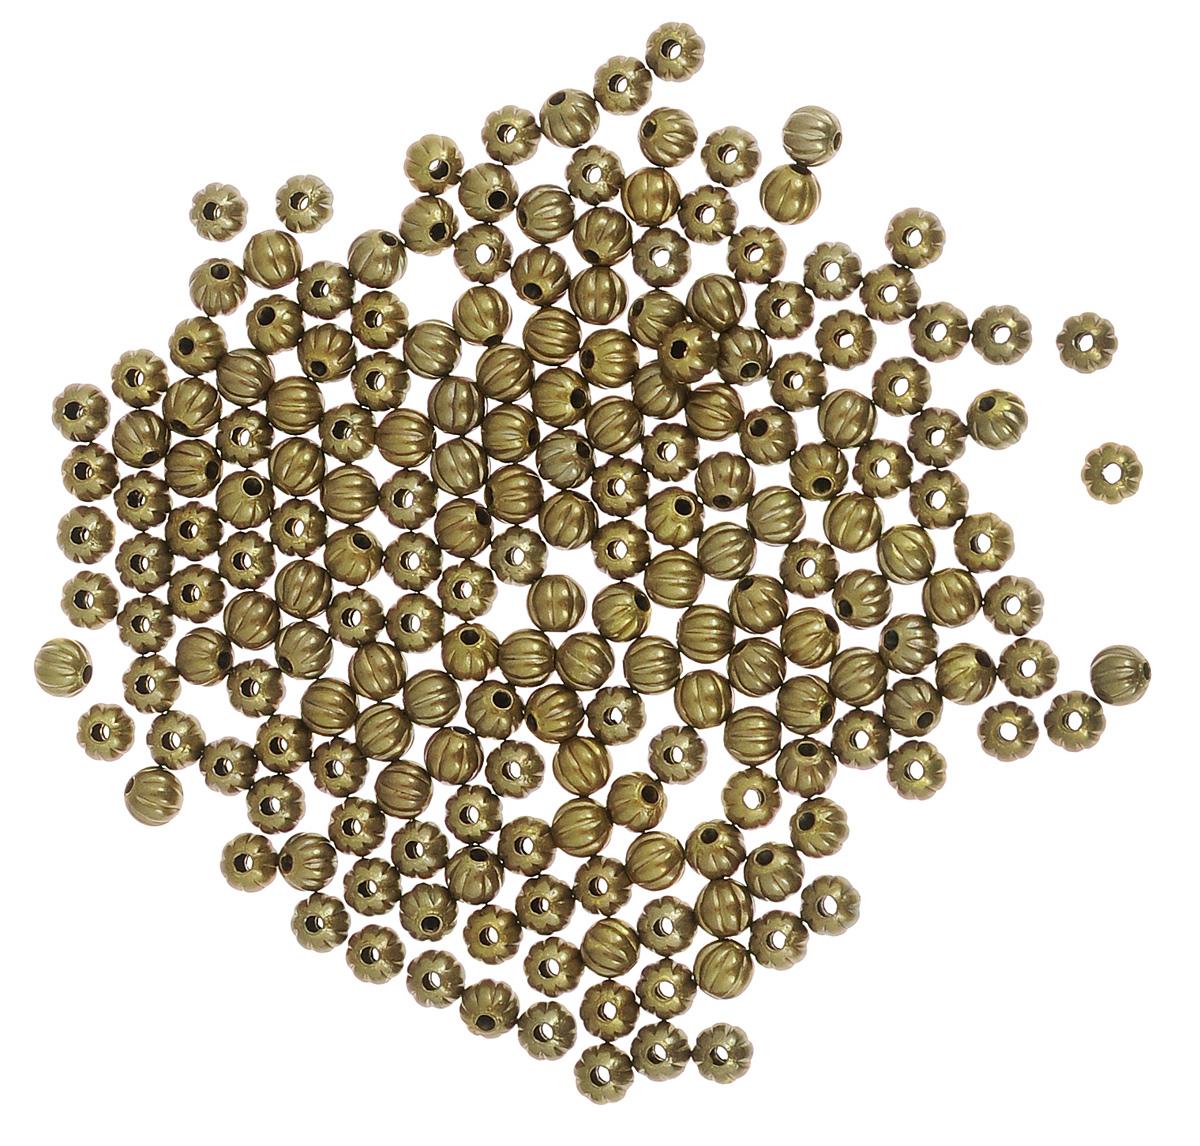 Набор бусин Vintaj Дыня, цвет: бронзовый, диаметр 3 мм, 288 штBD70Набор бусин Vintaj Дыня, изготовленный из металла, поможет вам своими руками создать удивительно красивое ожерелье или браслет. Каждая бусина имеет сквозное отверстие для продевания нити или лески. Набор состоит из 288 бусин шарообразной формы. Оригинальные бусины необычного дизайна разнообразят вашу работу и добавят вдохновения для новых идей. Отвлекитесь от повседневных забот и создайте удивительный аксессуар, который к тому же и стильно дополнит ваш образ. Диаметр бусин: 3 мм.